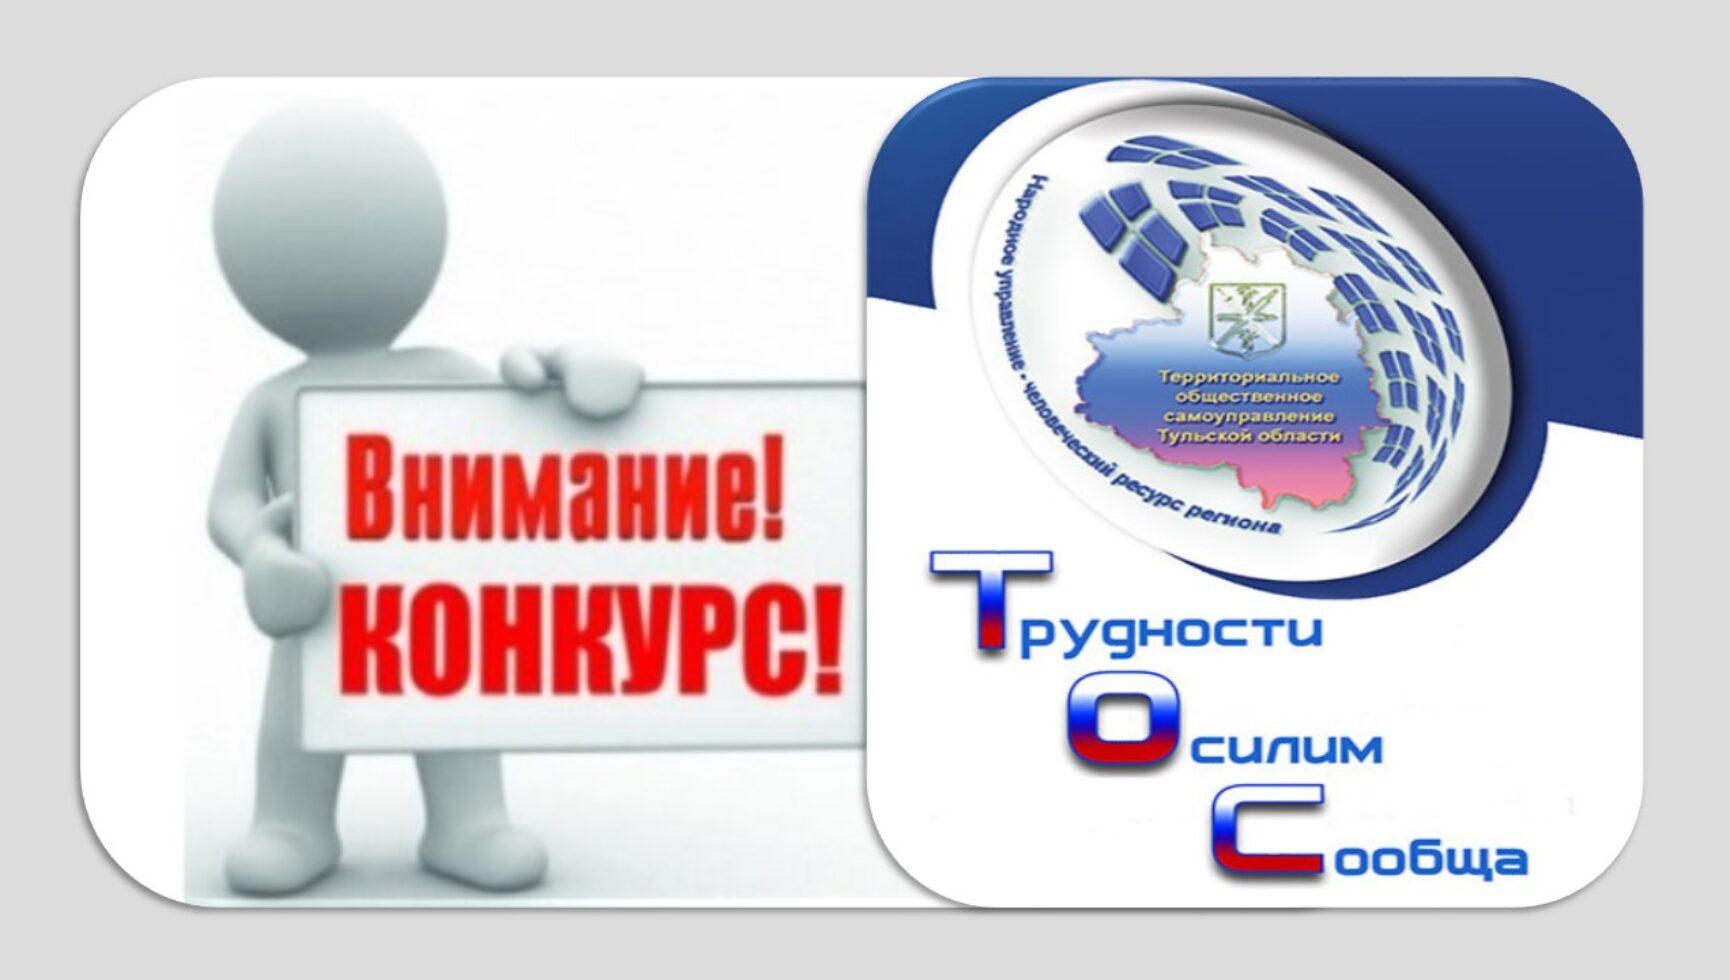 Объявляем о начале конкурса «Лучший проект территориального общественного самоуправления Тульской области»